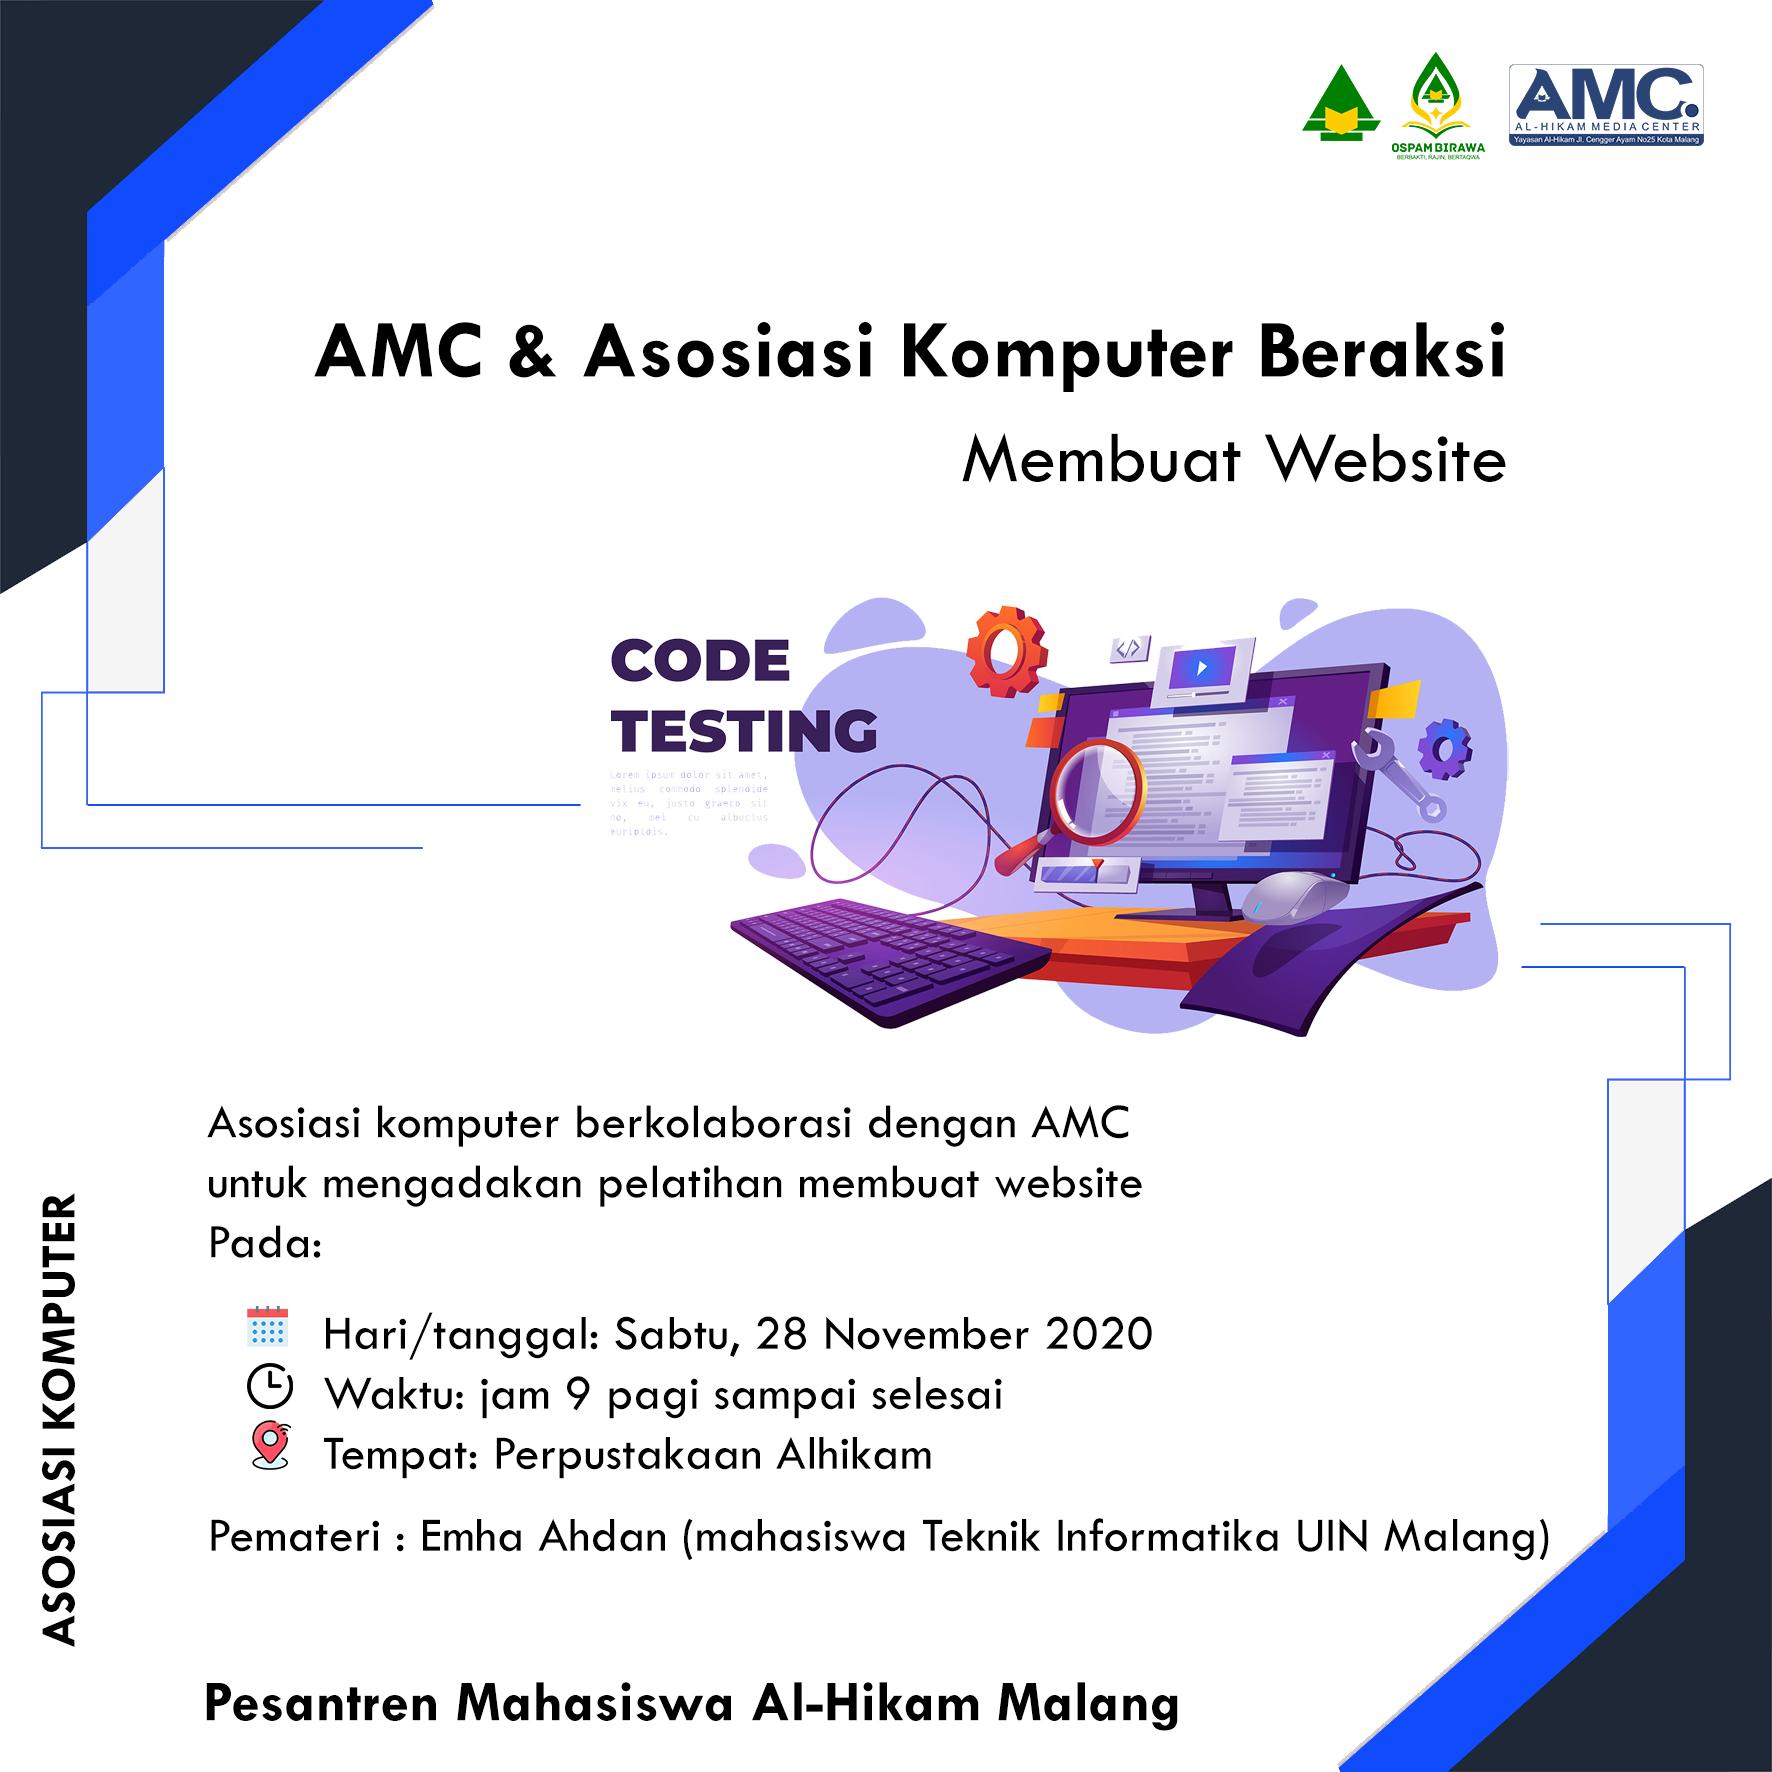 AMC & Asosiasi komputer beraksi